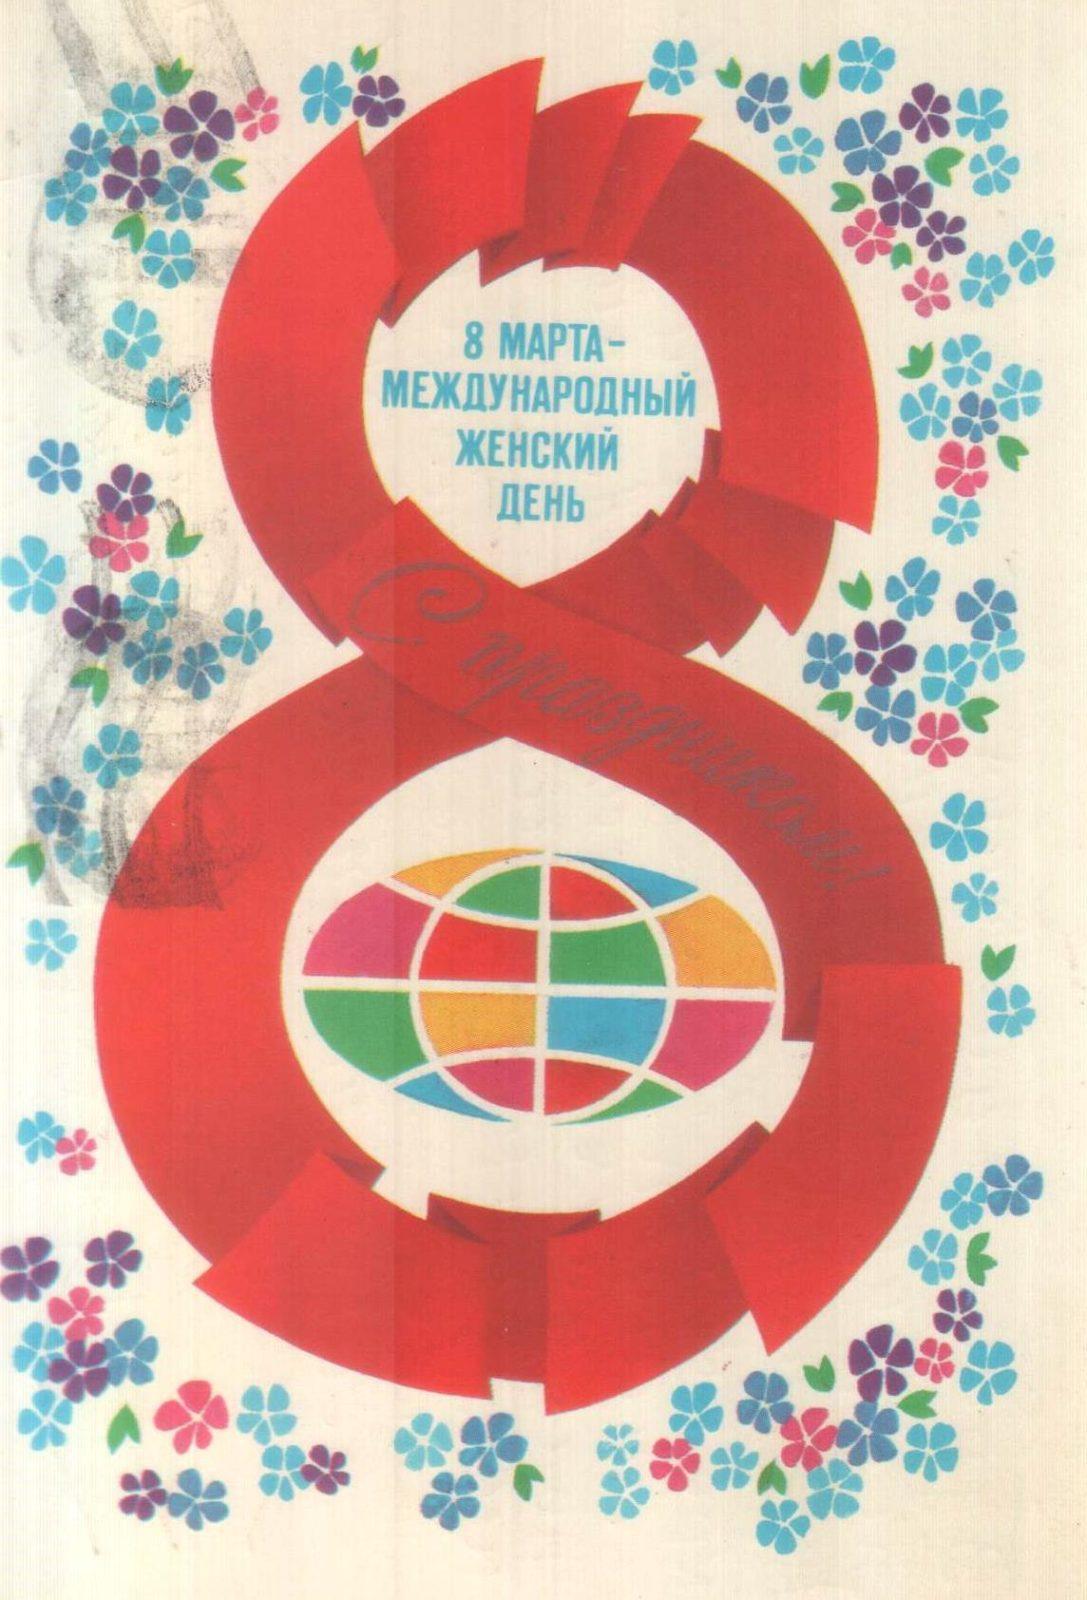 Открытка. 8 марта - Международный женский день. С праздником! Художник А. Любезнов.